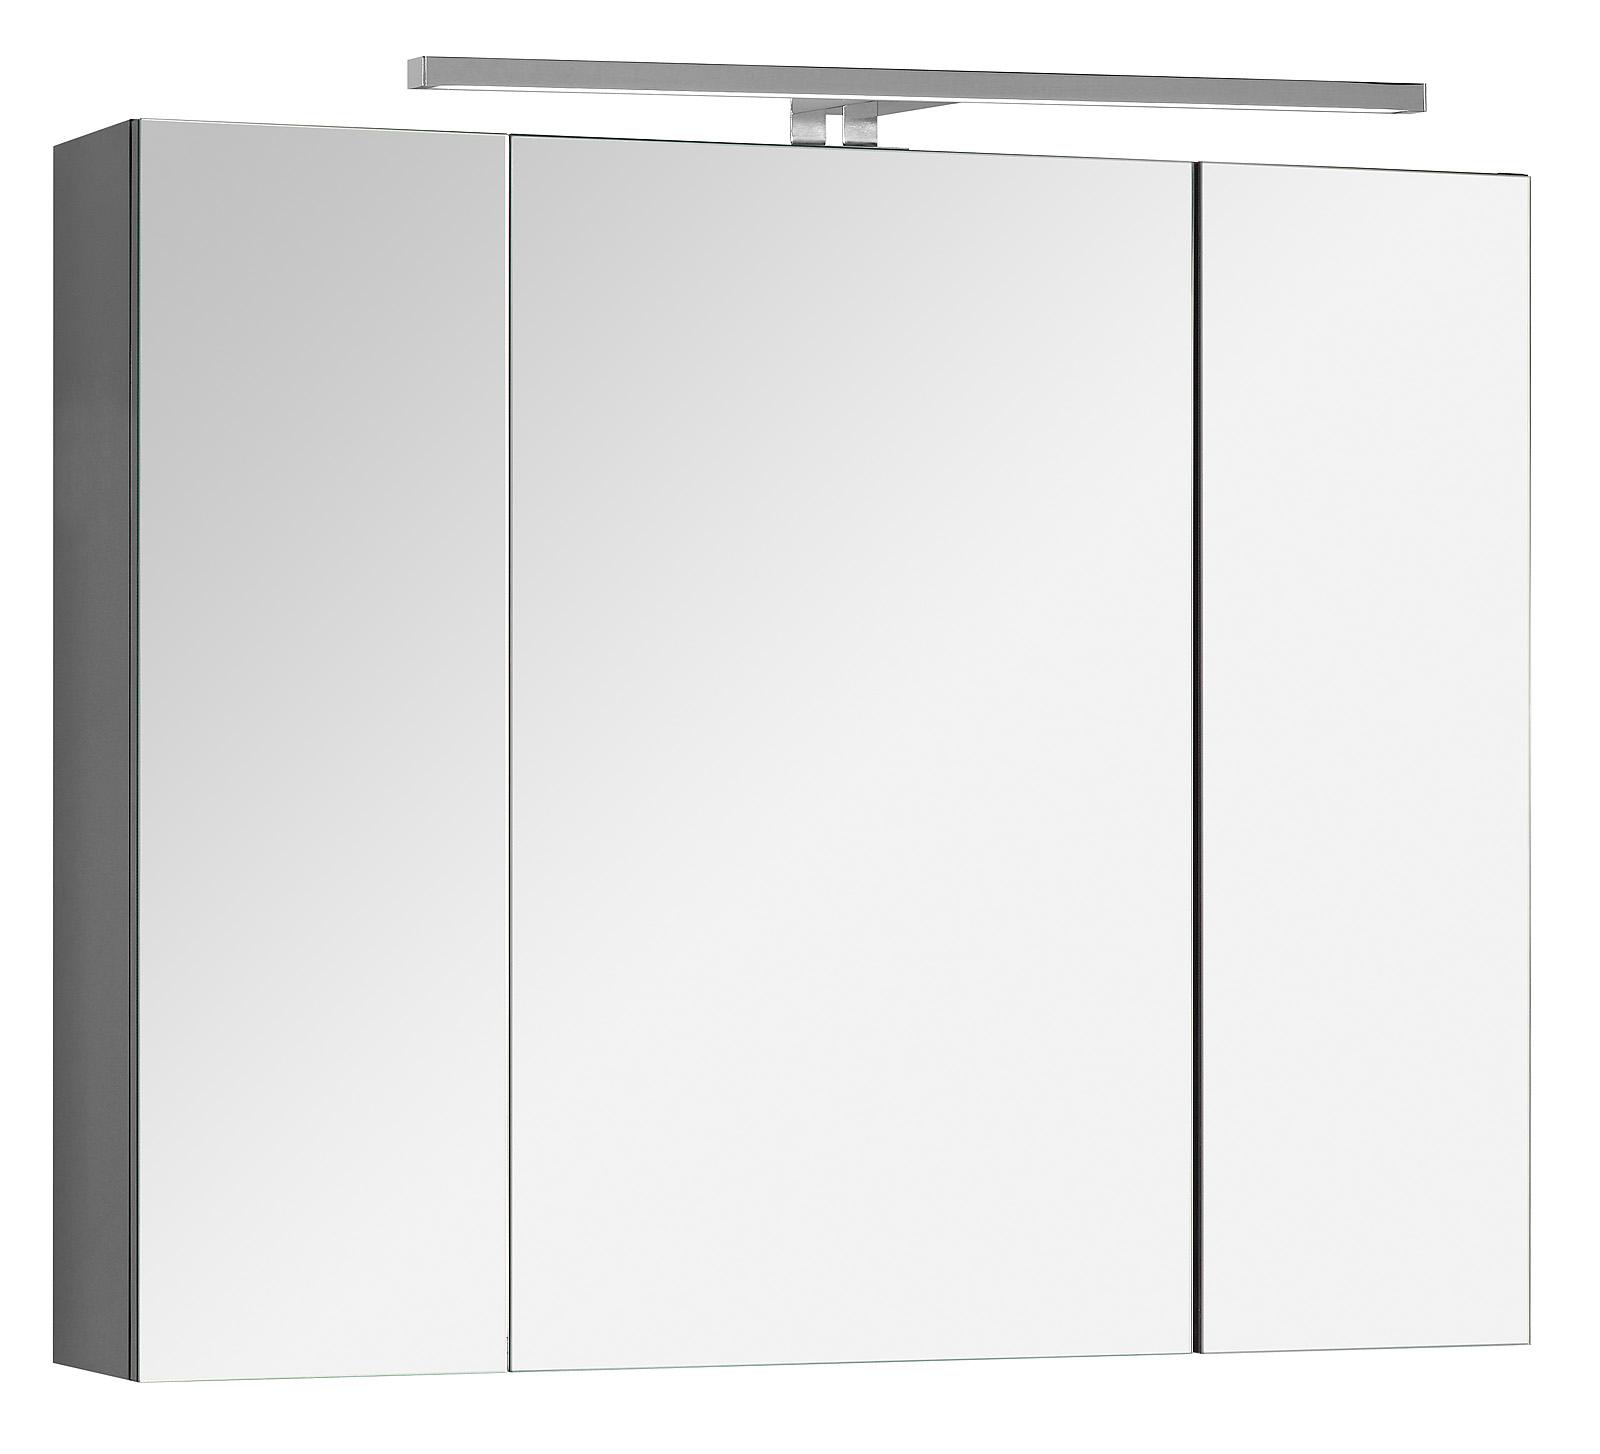 spiegelschrank lili inkl led badezimmerspiegel spiegel. Black Bedroom Furniture Sets. Home Design Ideas